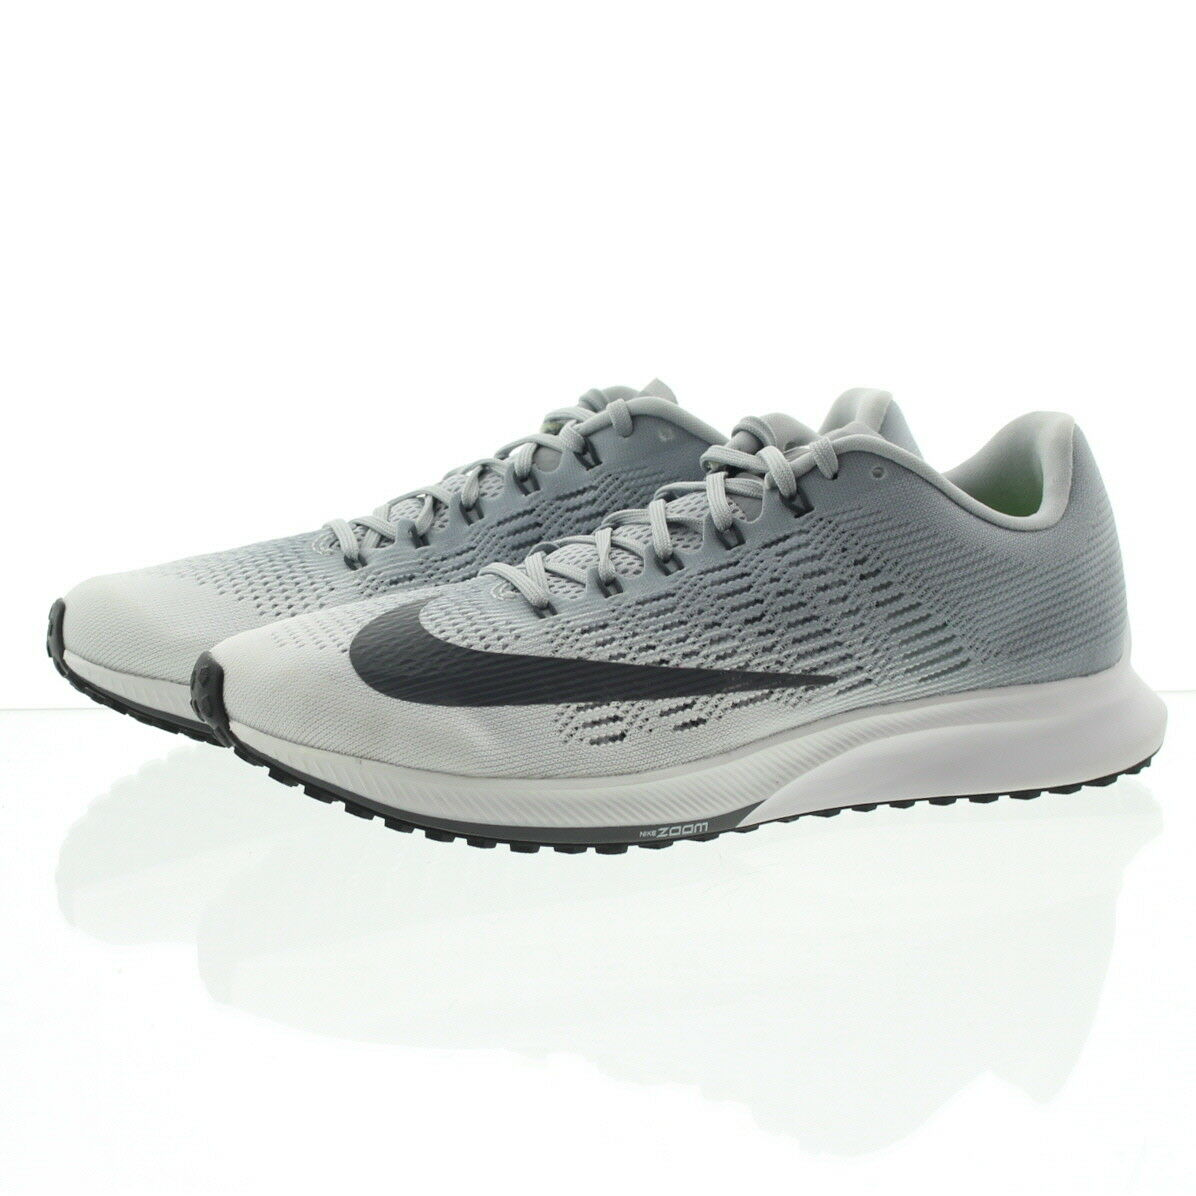 Nike 863770 Mens Air Zoom Elite 9 Low Top Running Athletic shoes Sneakers